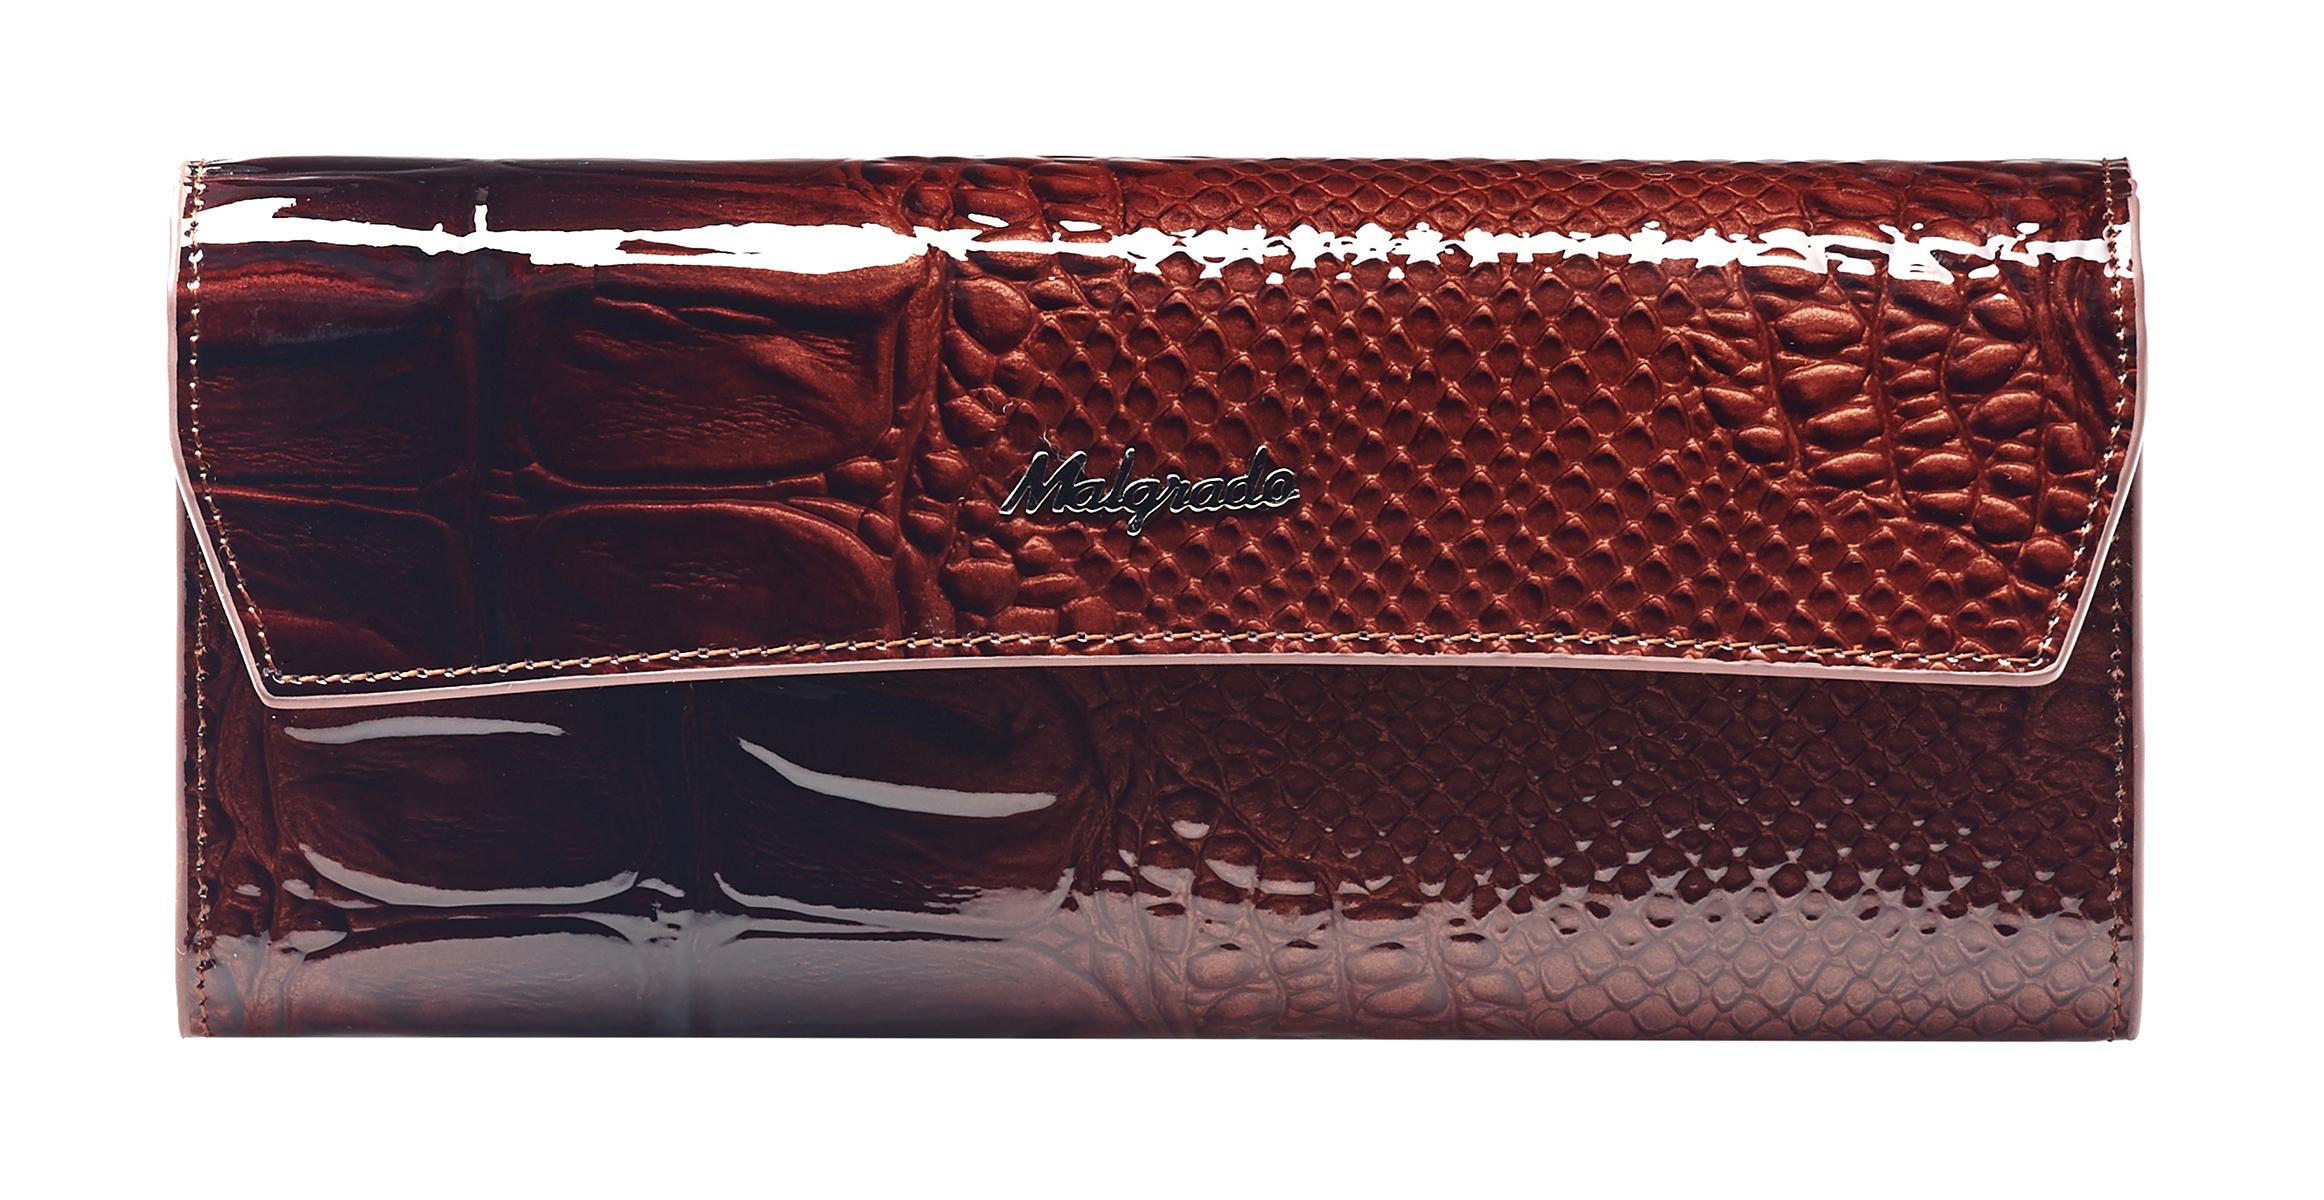 Кошелек женский Malgrado, цвет: коричневый. 75504-0440375504-04403 BrownСтильный женский кошелек Malgrado выполнен из натуральной лакированной кожи с тиснением под рептилию и оформлен металлической фурнитурой с символикой бренда. Изделие закрывается клапаном на кнопку. Внутри расположены три отделения для купюр, отделение для монет на молнии, два накладных кармана, три накладных кармана для пластиковых карт. Снаружи, на тыльной стороне кошелька, расположен накладной карман. Изделие поставляется в фирменной упаковке. Кошелек Malgrado станет отличным подарком для человека, ценящего качественные и практичные вещи.